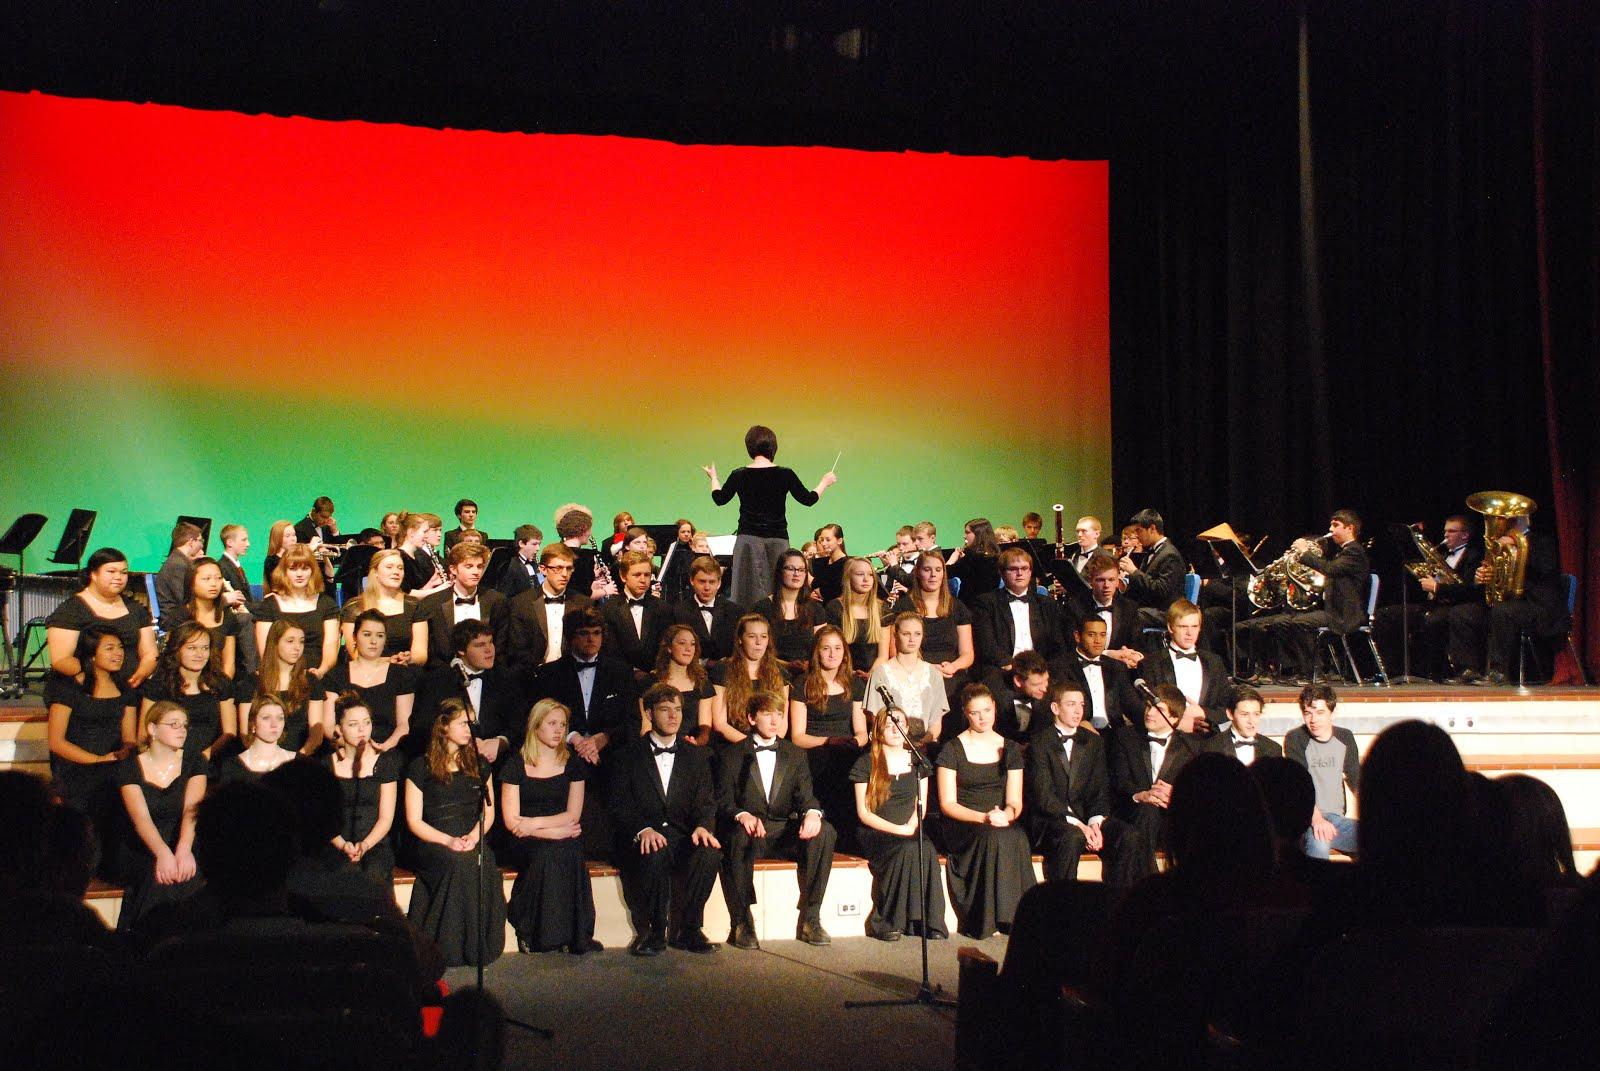 concert choir assignments Saline grades 5-8 choirs home welcome to grades 5-8 choir concert dates, choir hand book, homework assignments.